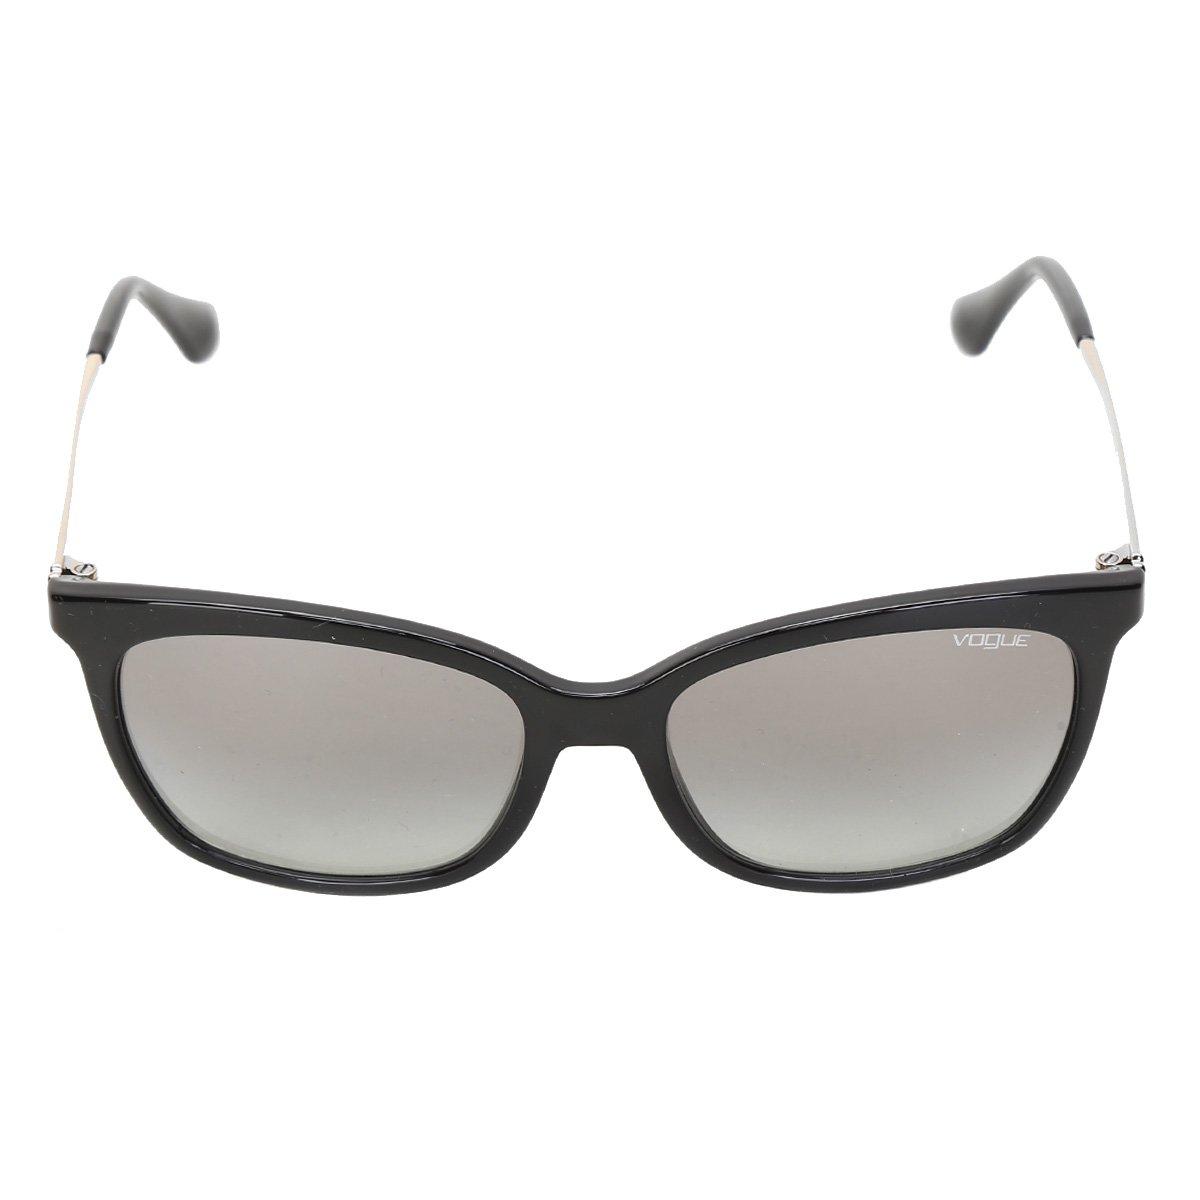 Foto 2 - Óculos de Sol Vogue Feminino